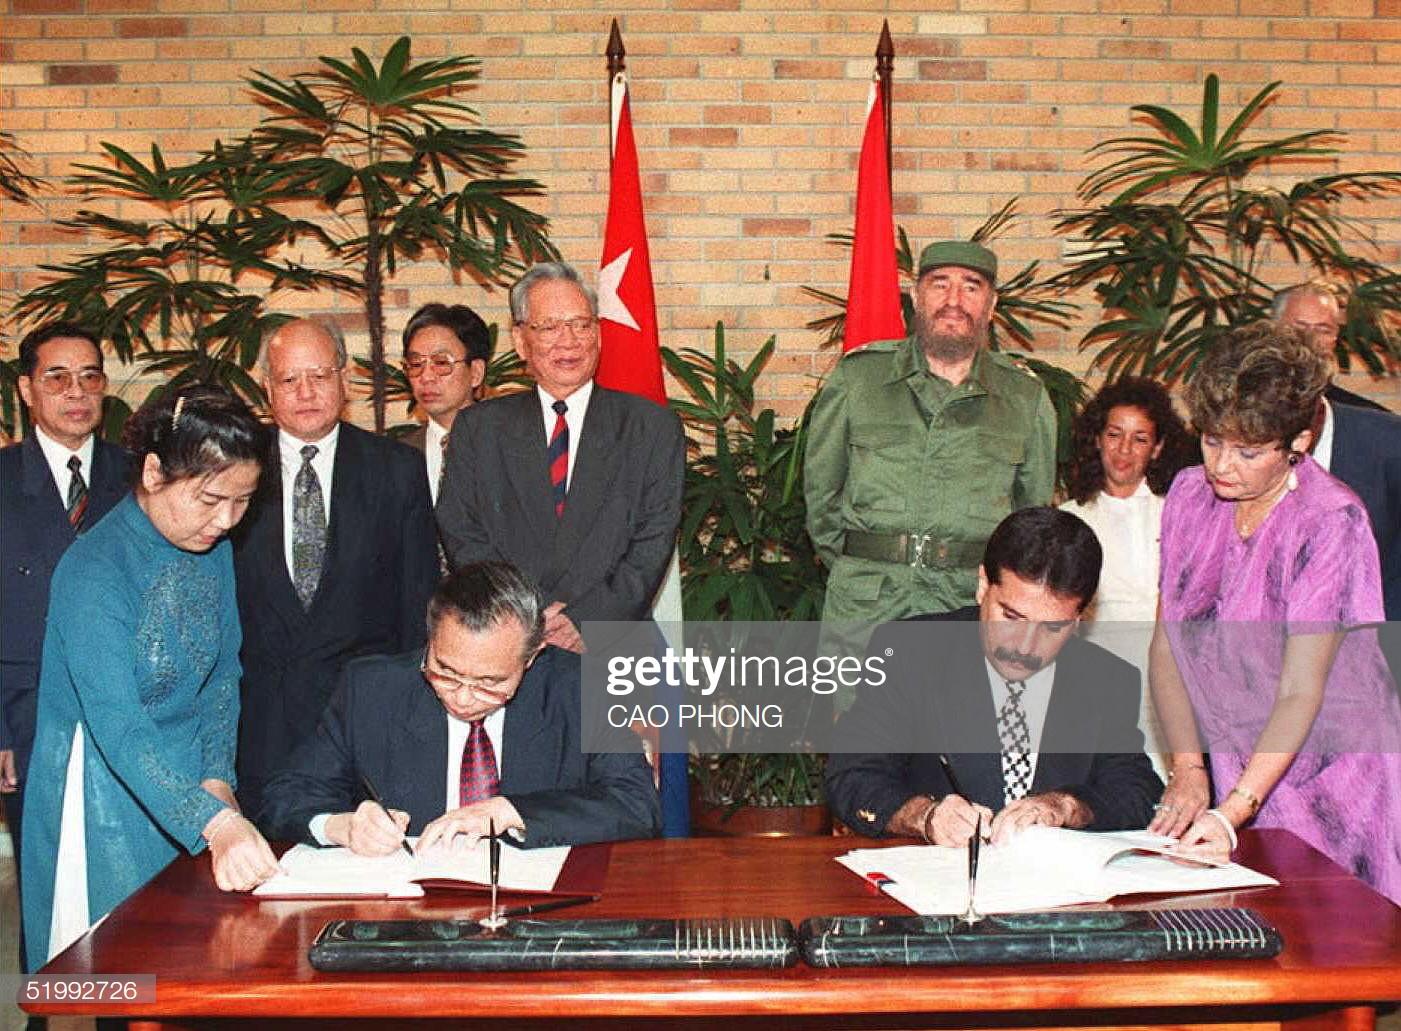 Bộ trưởng Ngoại giao Việt Nam Nguyễn Mạnh Cầm ký văn kiện hợp tác kinh tế với người đồng cấp Cuba, Chủ tịch nướcLê Đức Anhvà nhà lãnh đạo Cuba Fidel Castro đứng phía sau, Havana ngày 12/10/1995.